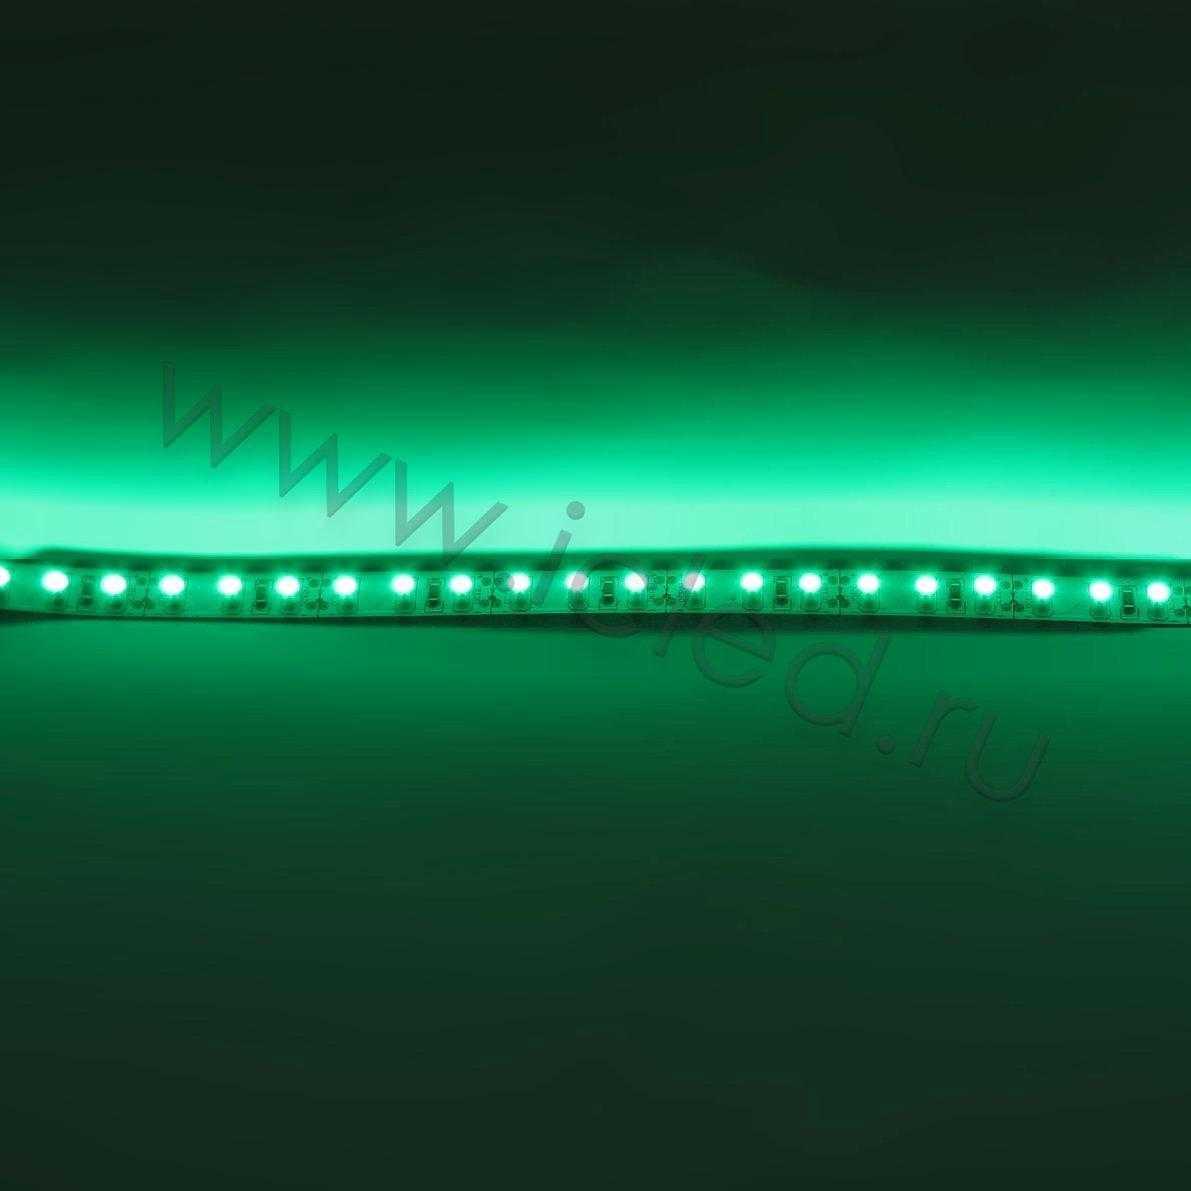 Светодиодная лента Class B, 3528, 120 led/m, Green, 12V, IP33